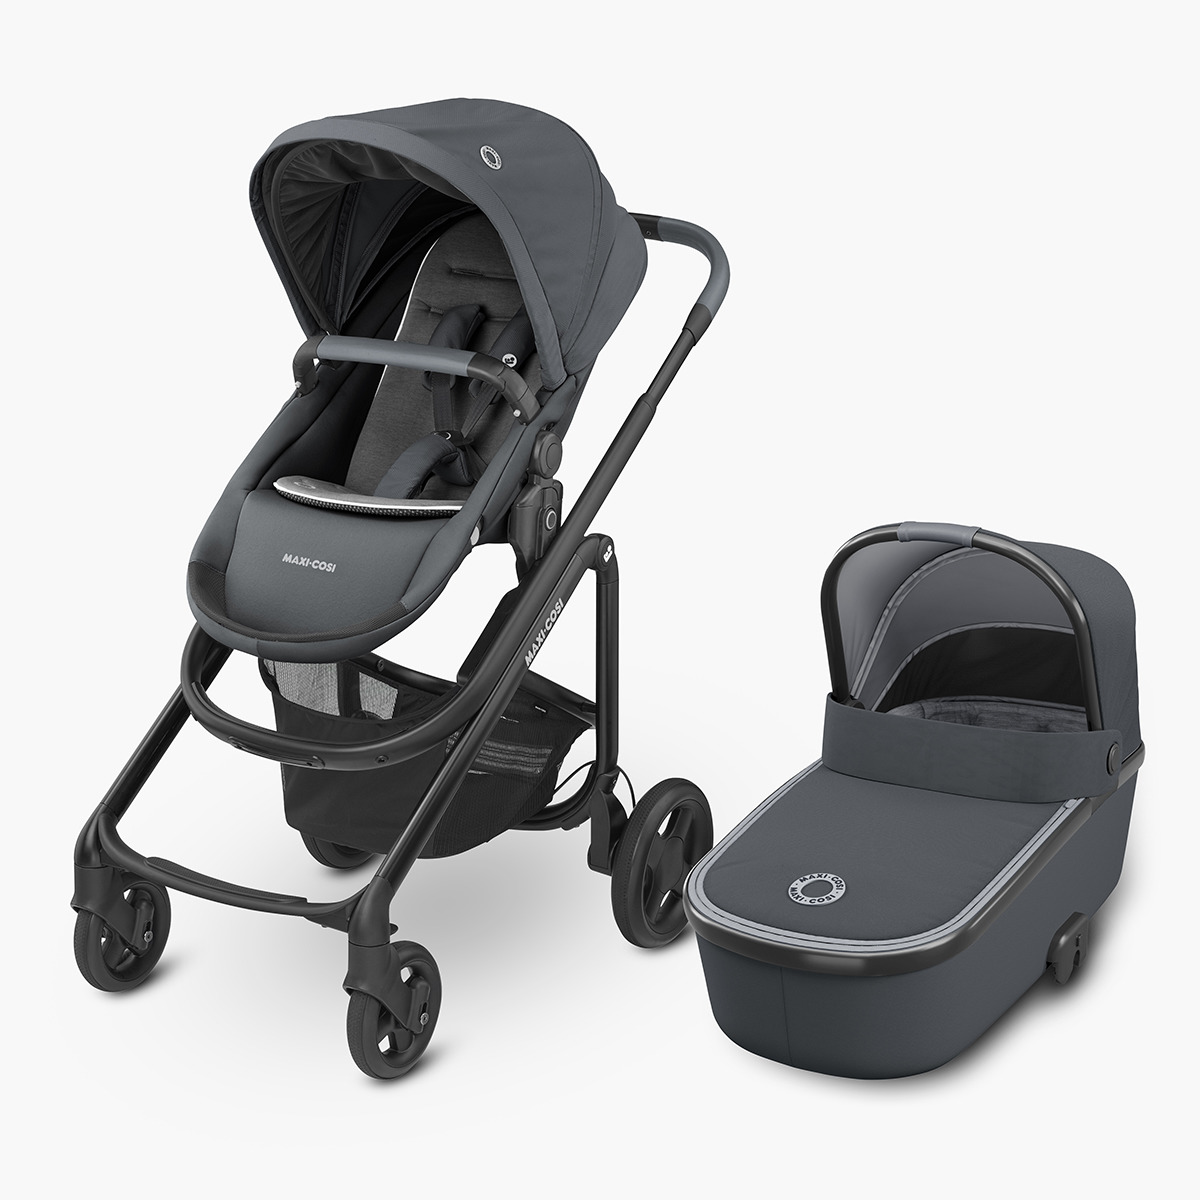 Coche de paseo dúo Maxi-Cosi Lila CP Essential Graphite negro